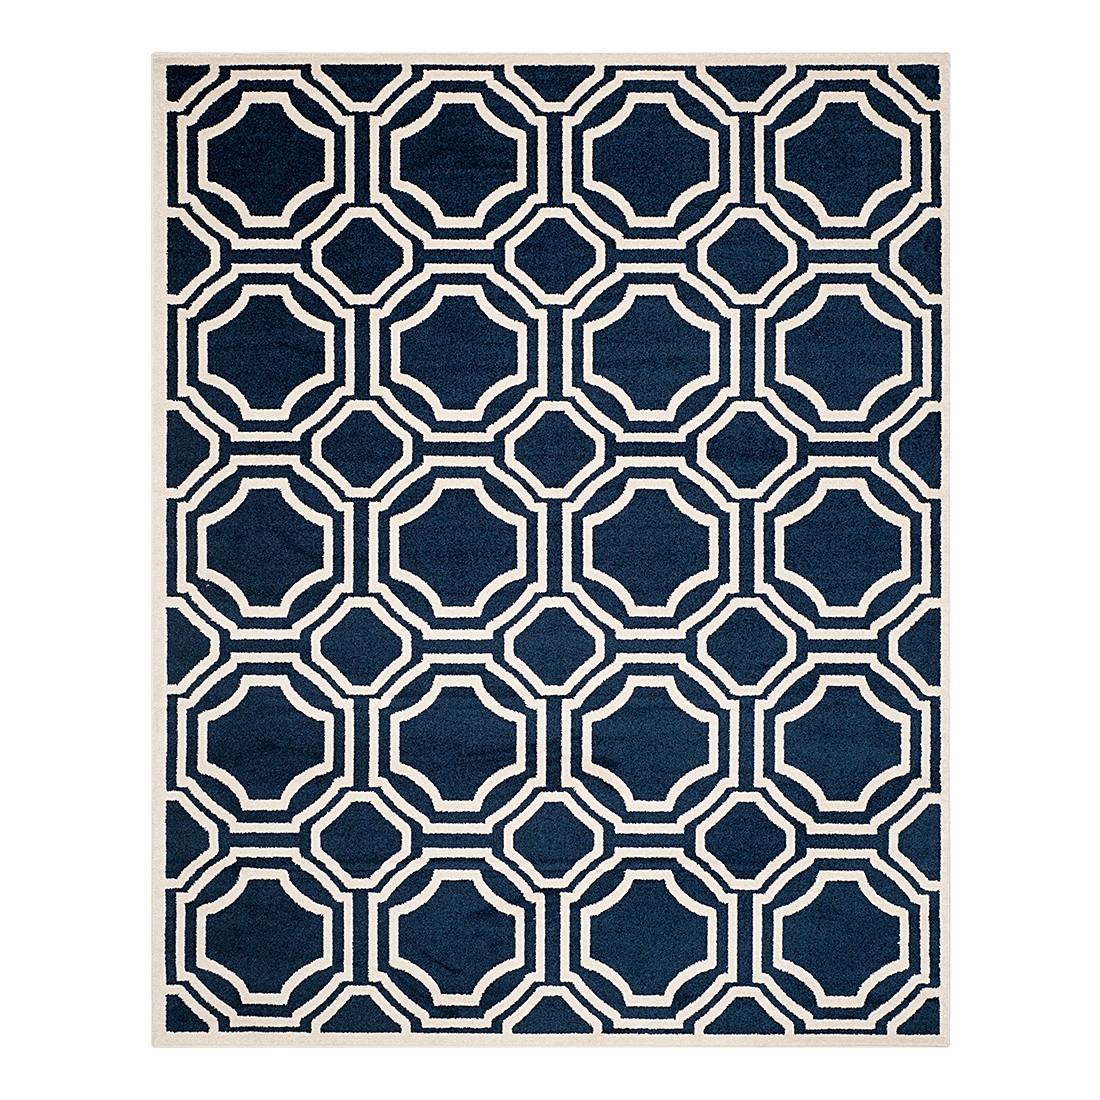 In-/Outdoorteppich Ferrat – Marine/Creme – Maße: 121 x 182 cm, Safavieh jetzt bestellen